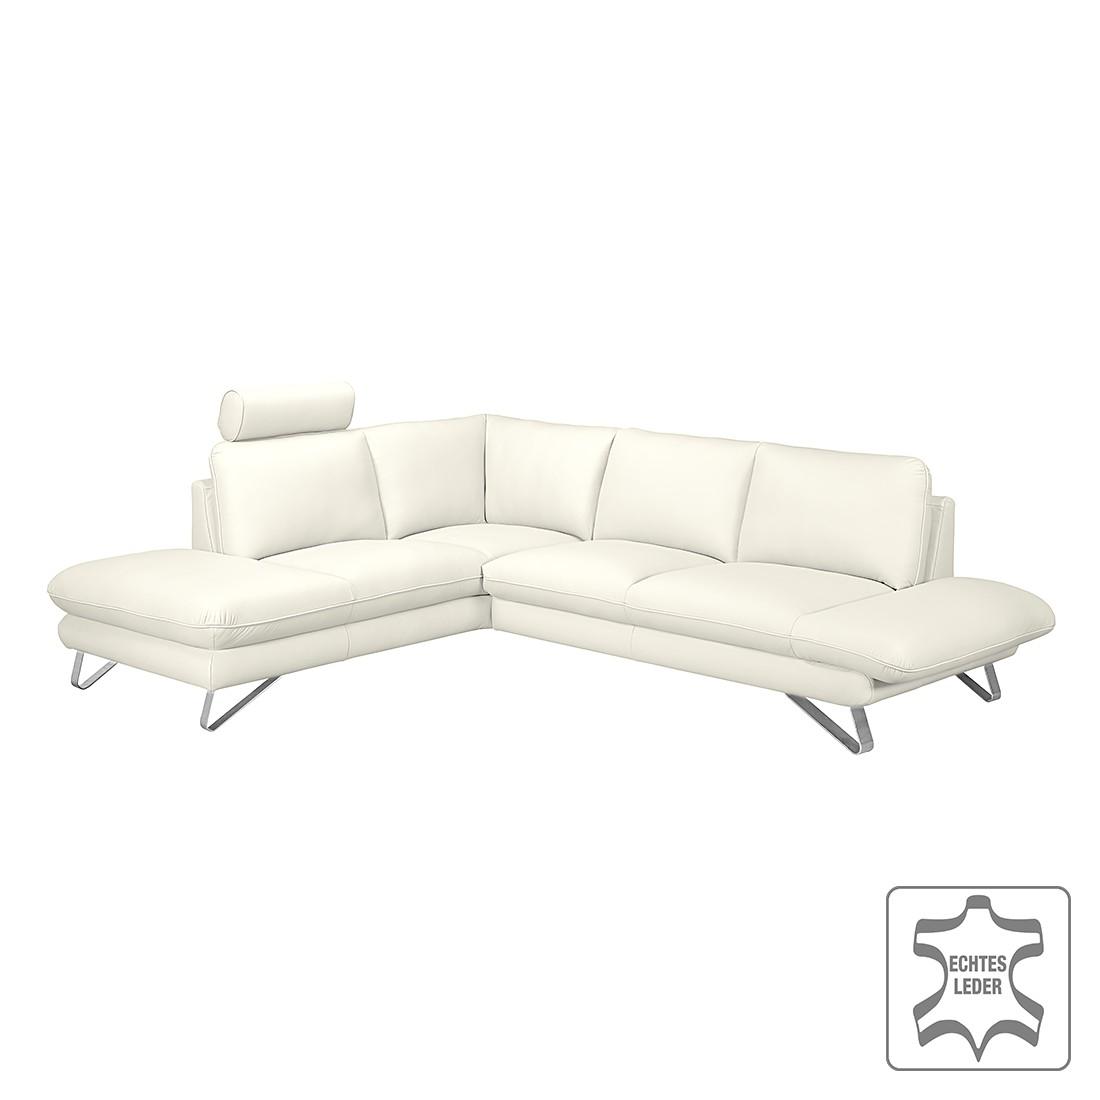 ecksofa enzo echtleder wei ottomane davorstehend links mit 2 kopfst tzen loftscape. Black Bedroom Furniture Sets. Home Design Ideas